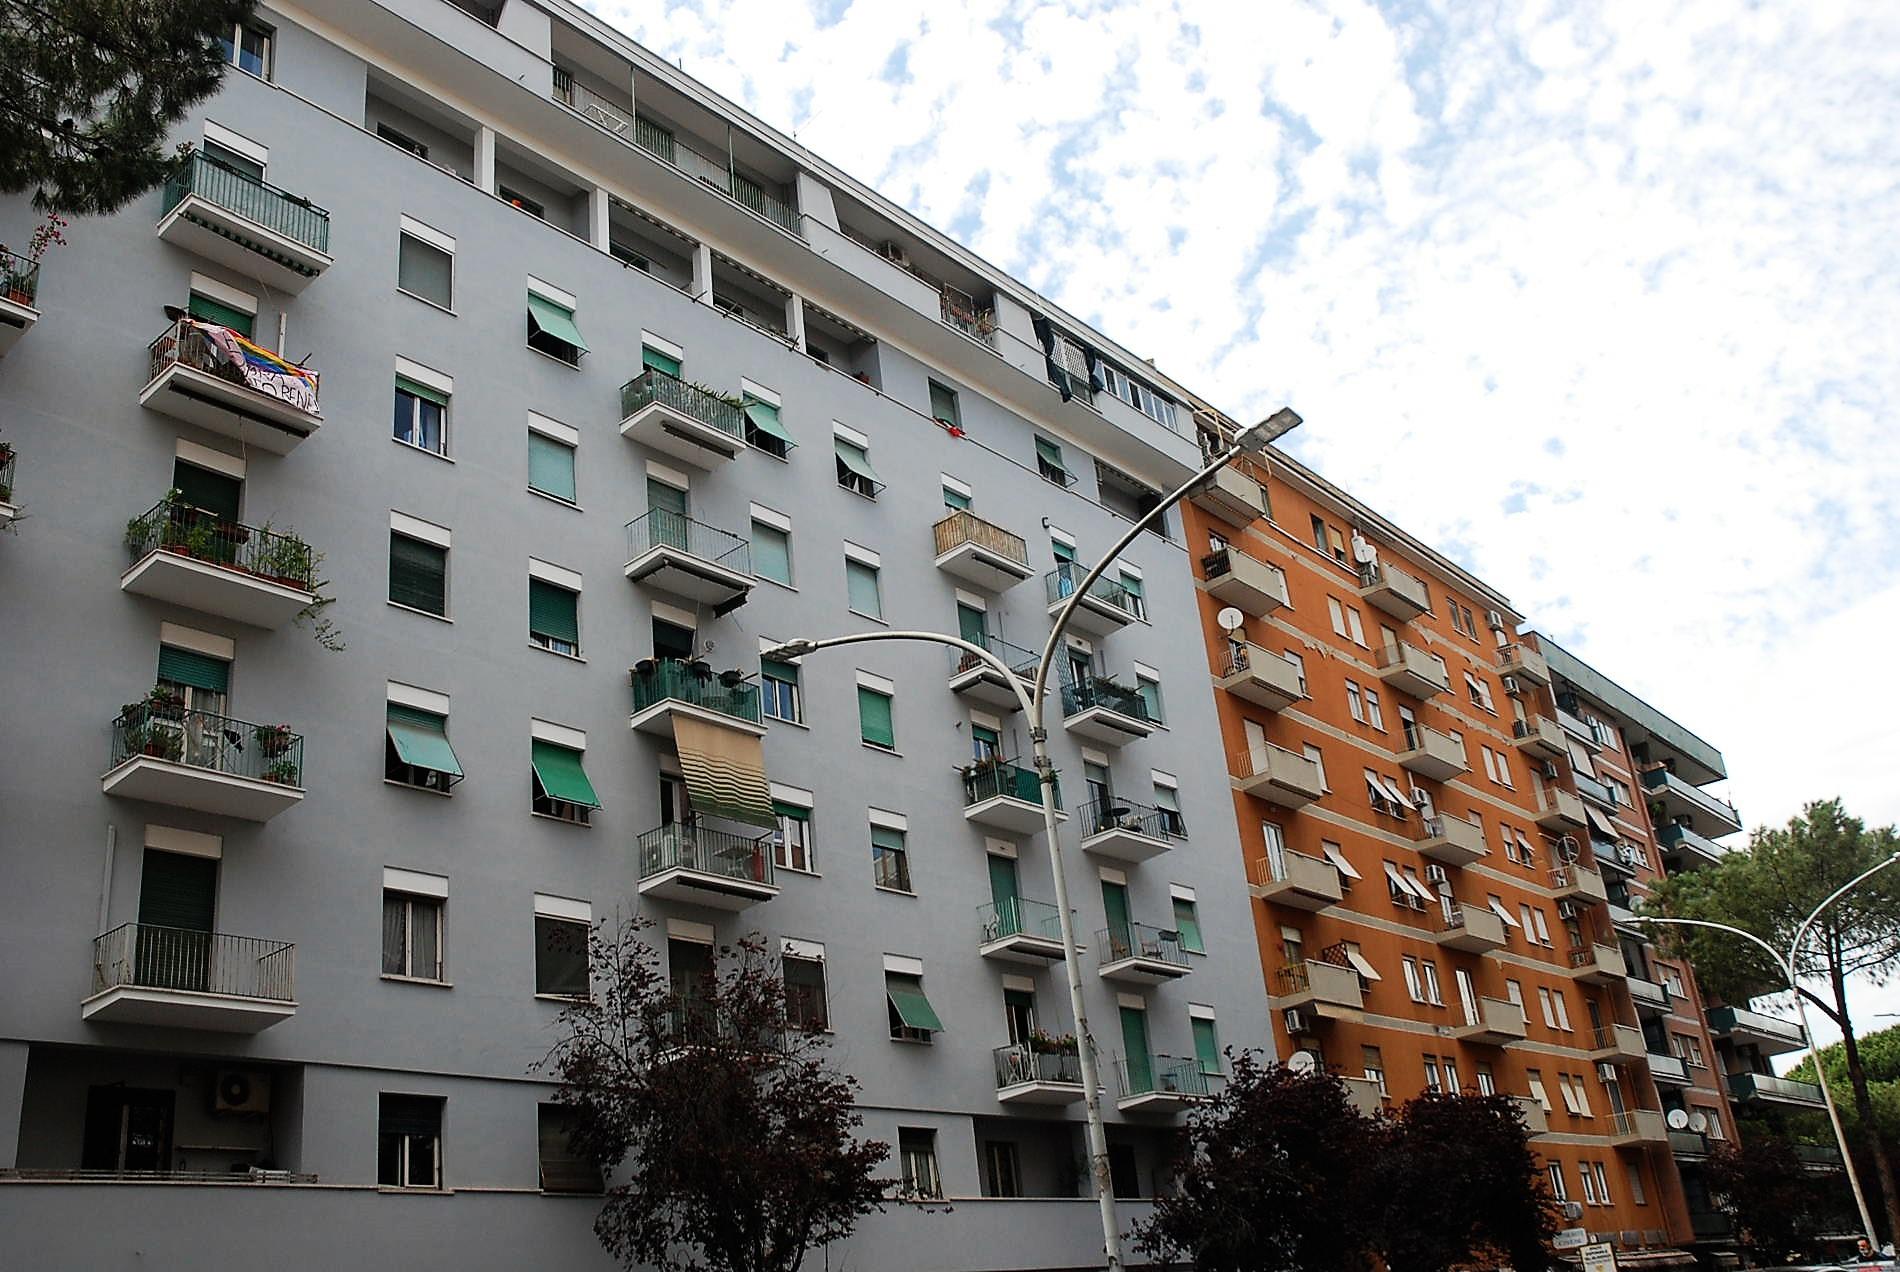 Appartamento in affitto a ROMA - SAN PAOLO - rif. 1156 ...